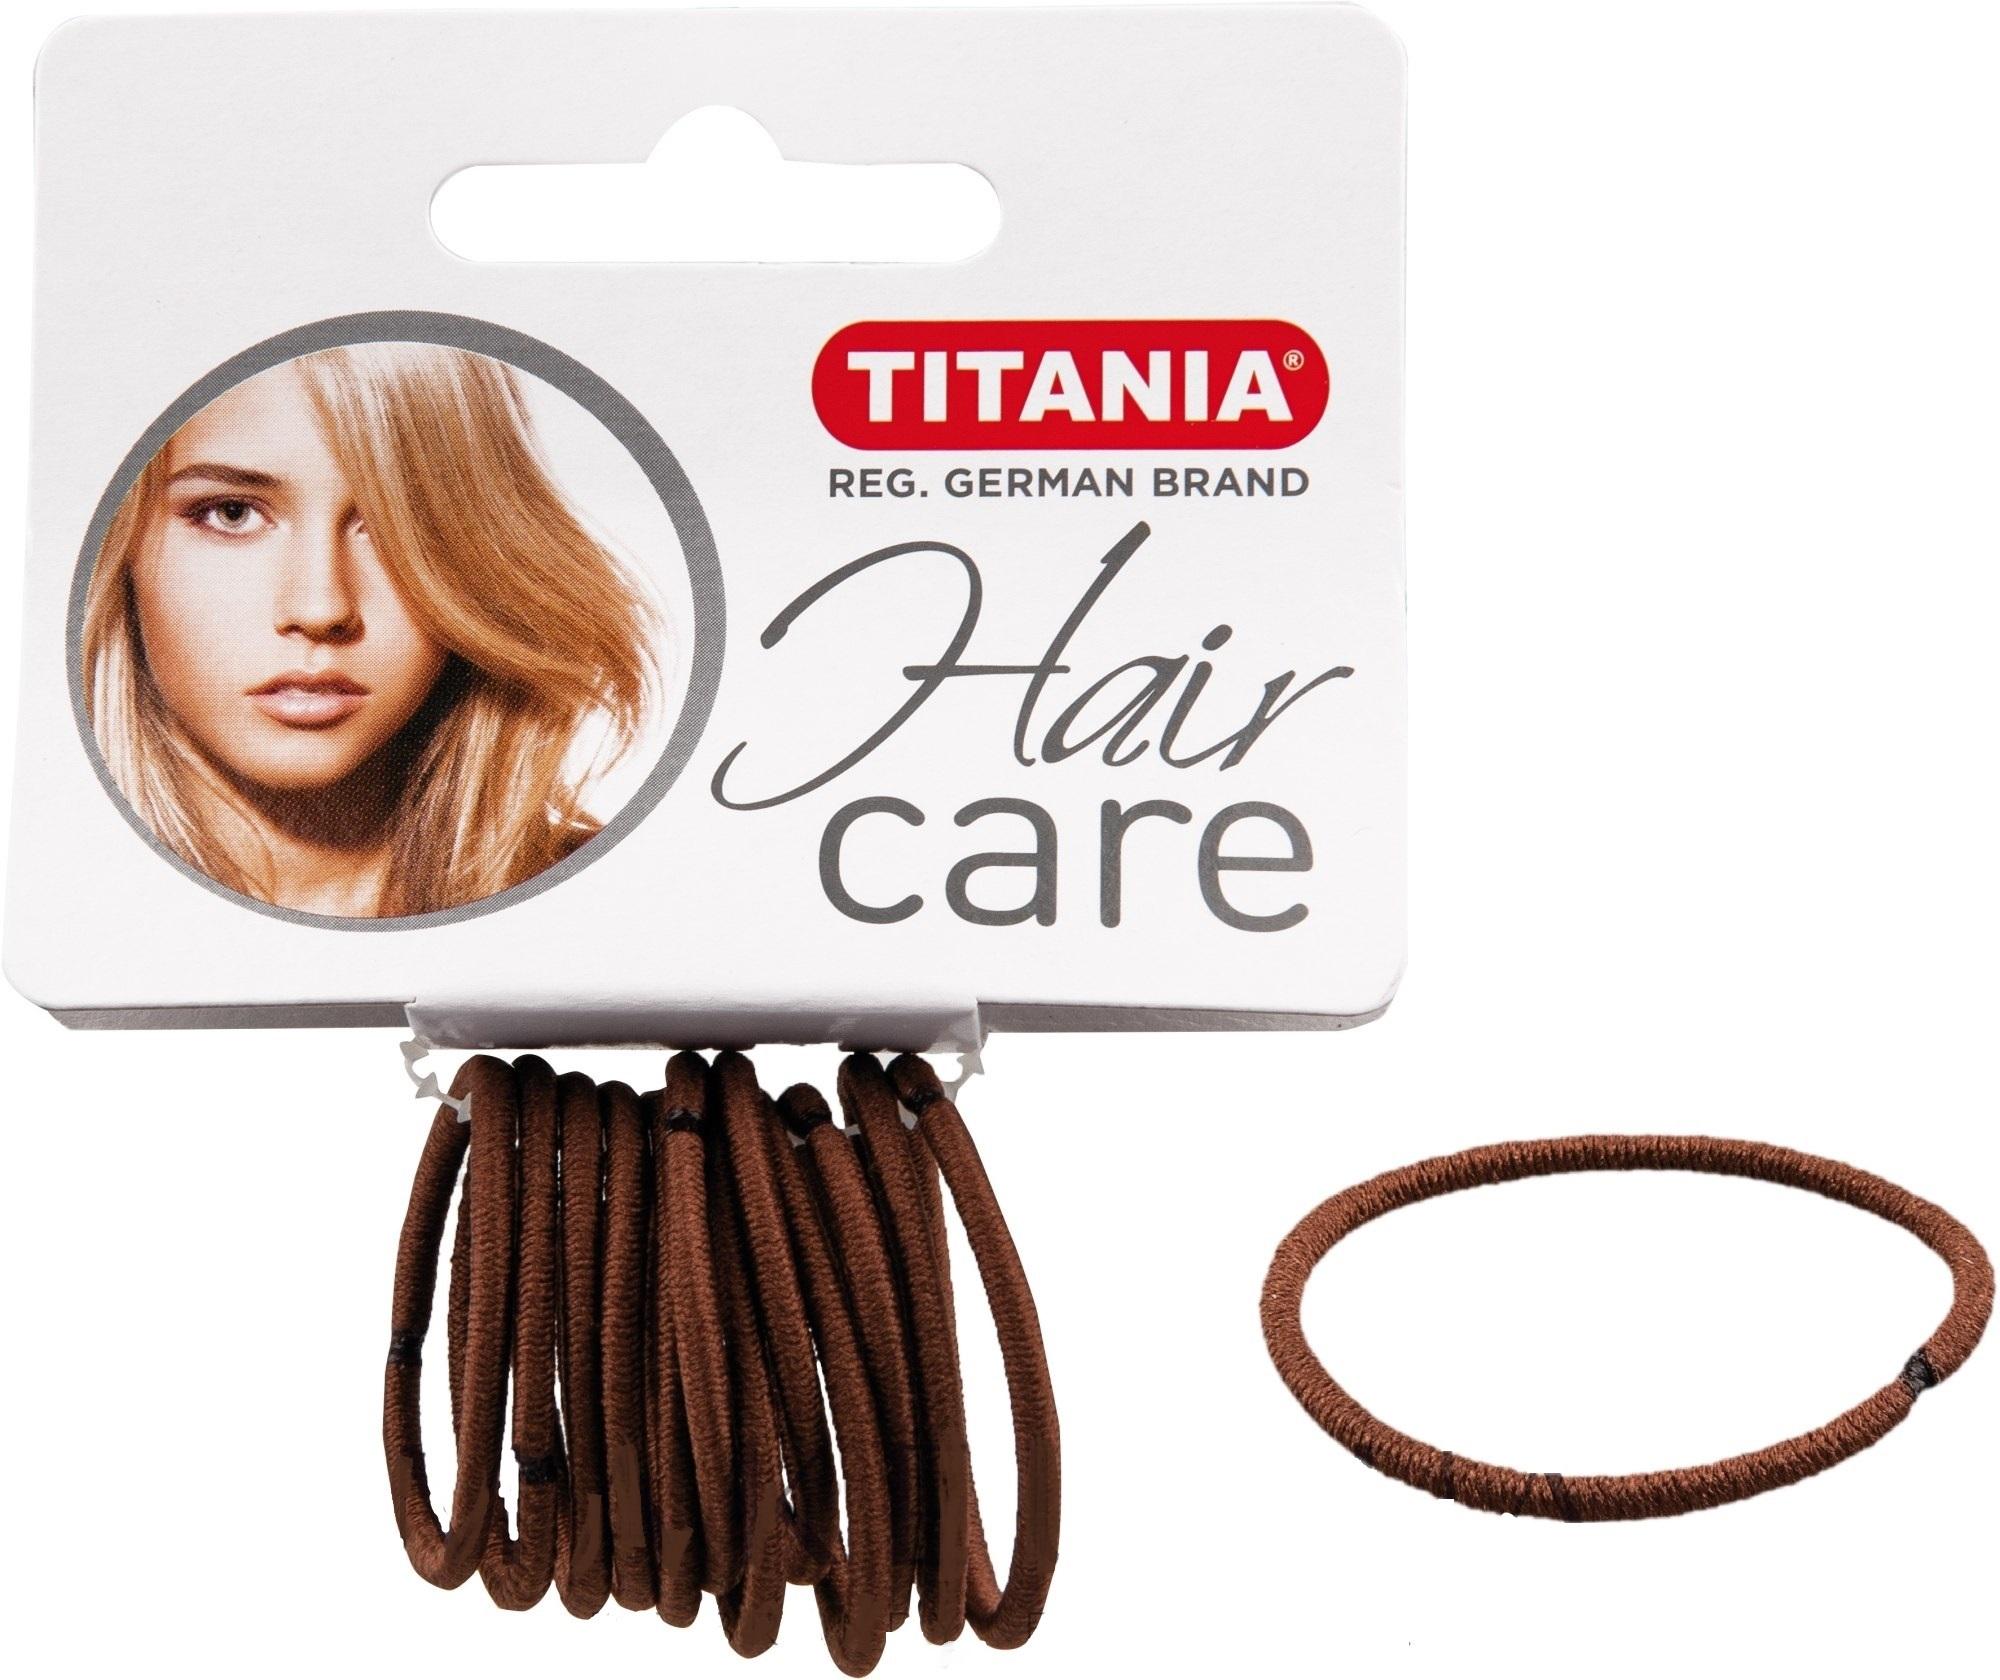 TITANIA Резинки для волос, коричневые 3 см 12 шт/уп 7801